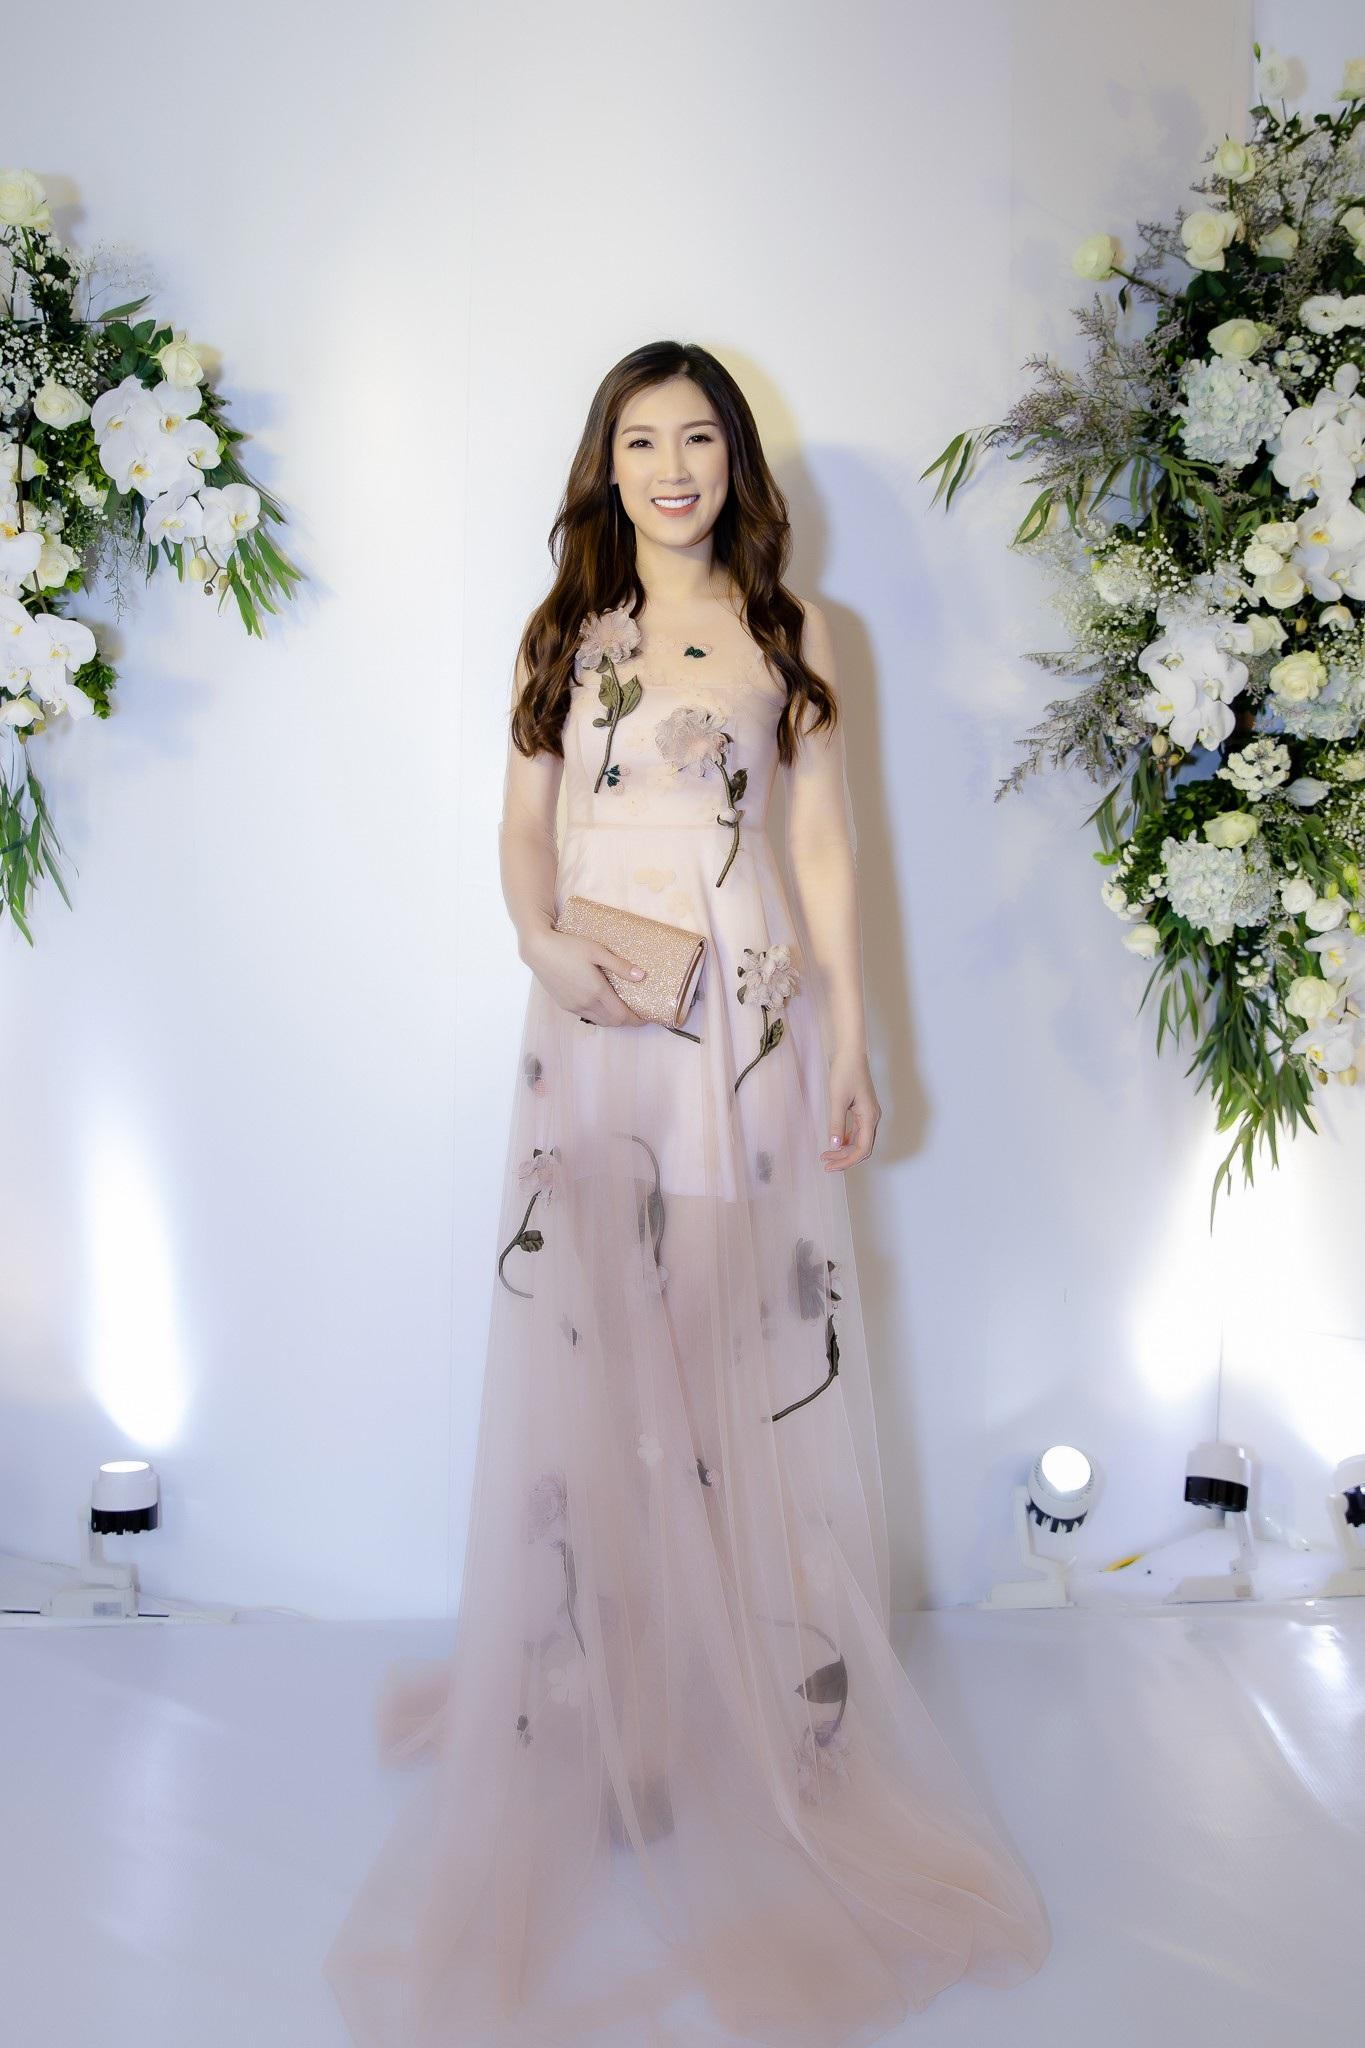 Nguyễn Thị Loan đọ vẻ nóng bỏng cùng bộ đôi Hoa hậu tên Linh - Ảnh 7.